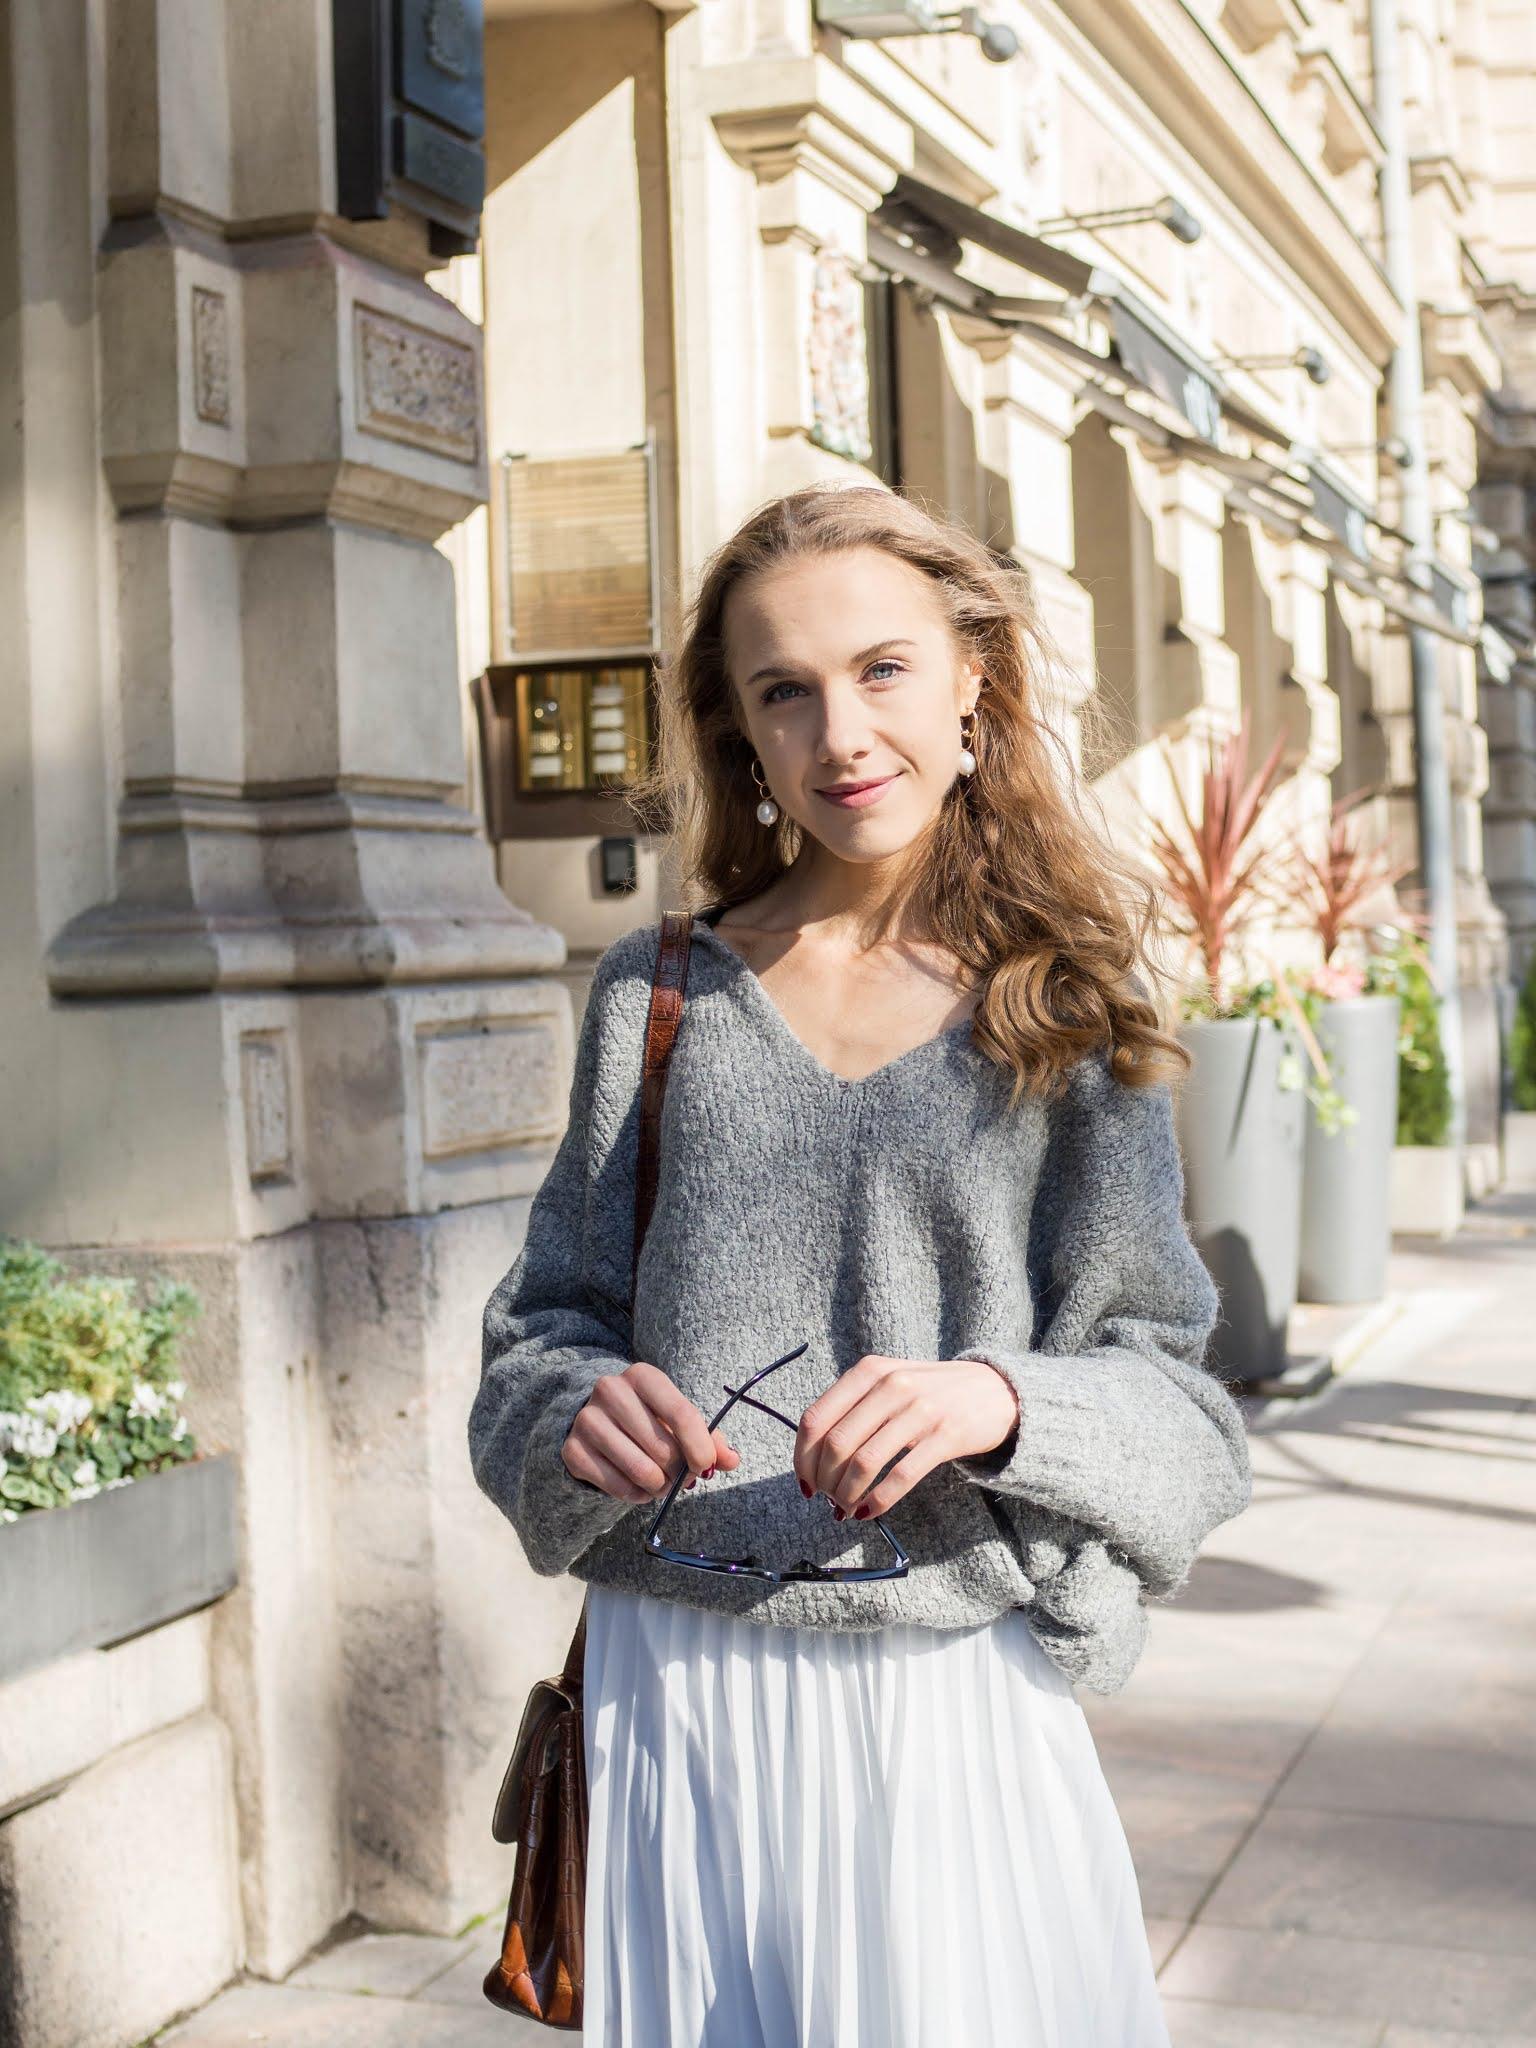 Pariisi-tyylinen asu // Parisian style outfit